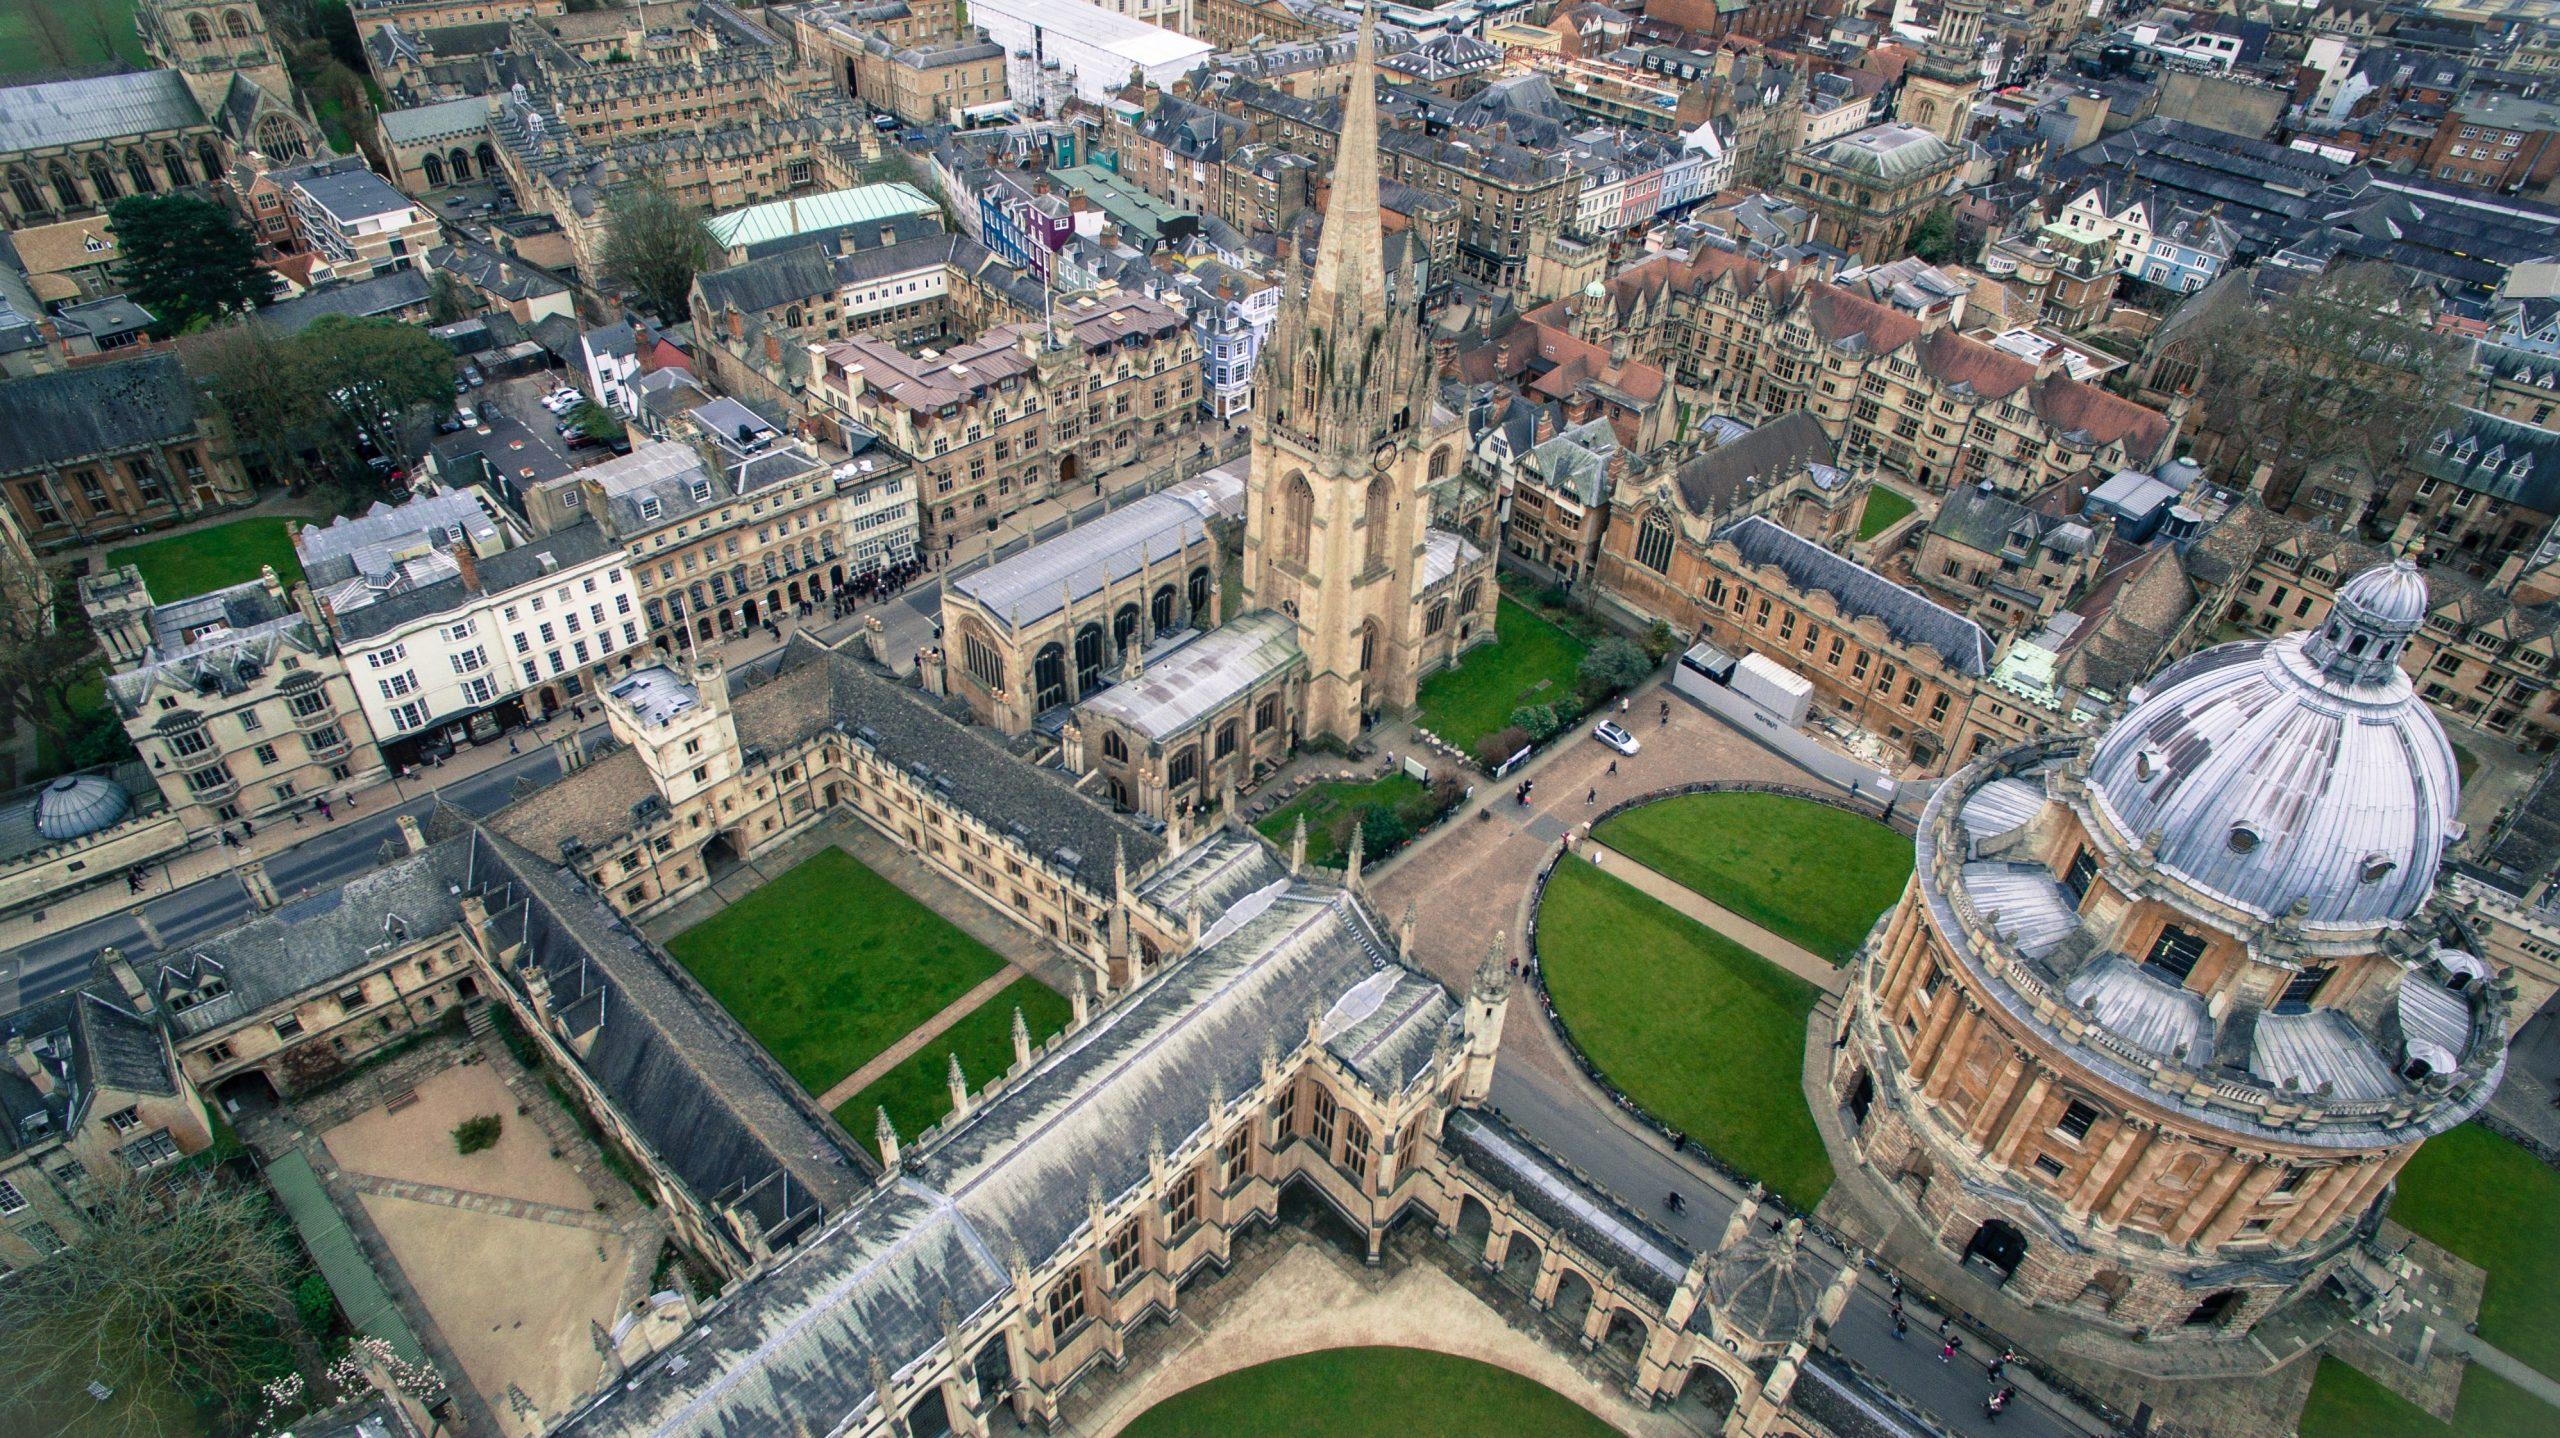 UK universities